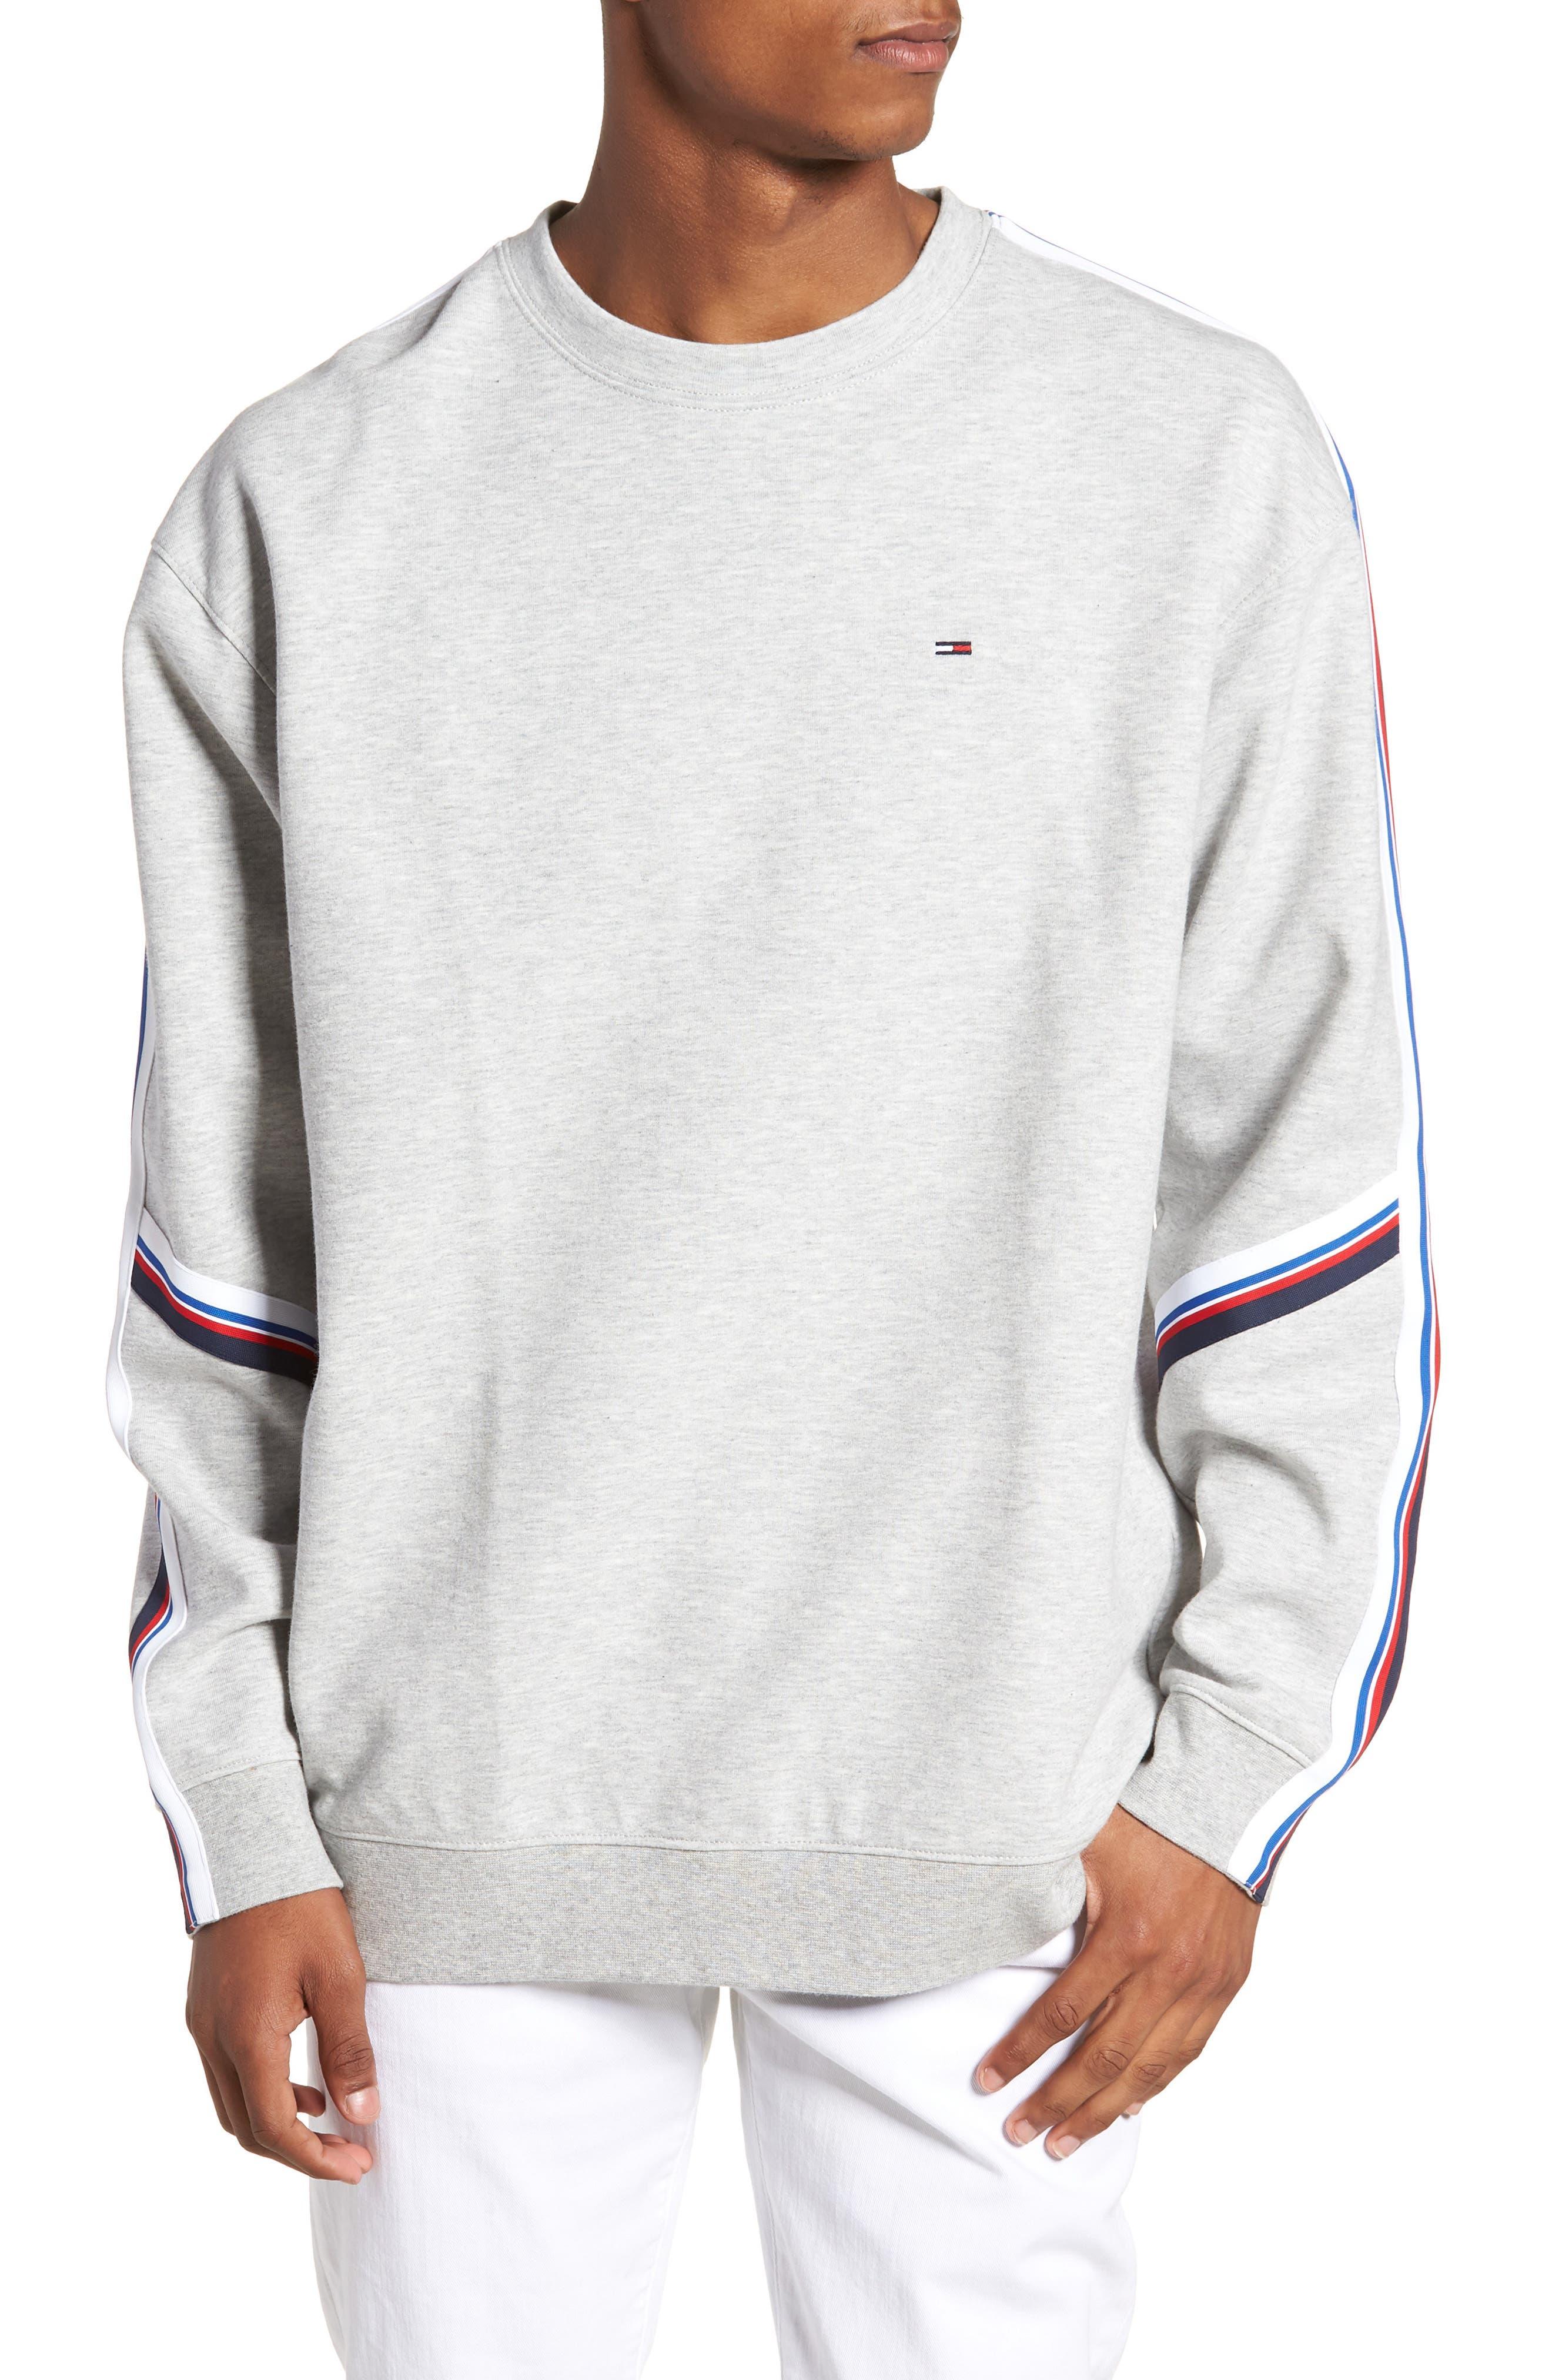 Alternate Image 1 Selected - TOMMY JEANS Racing Stripe Sweatshirt